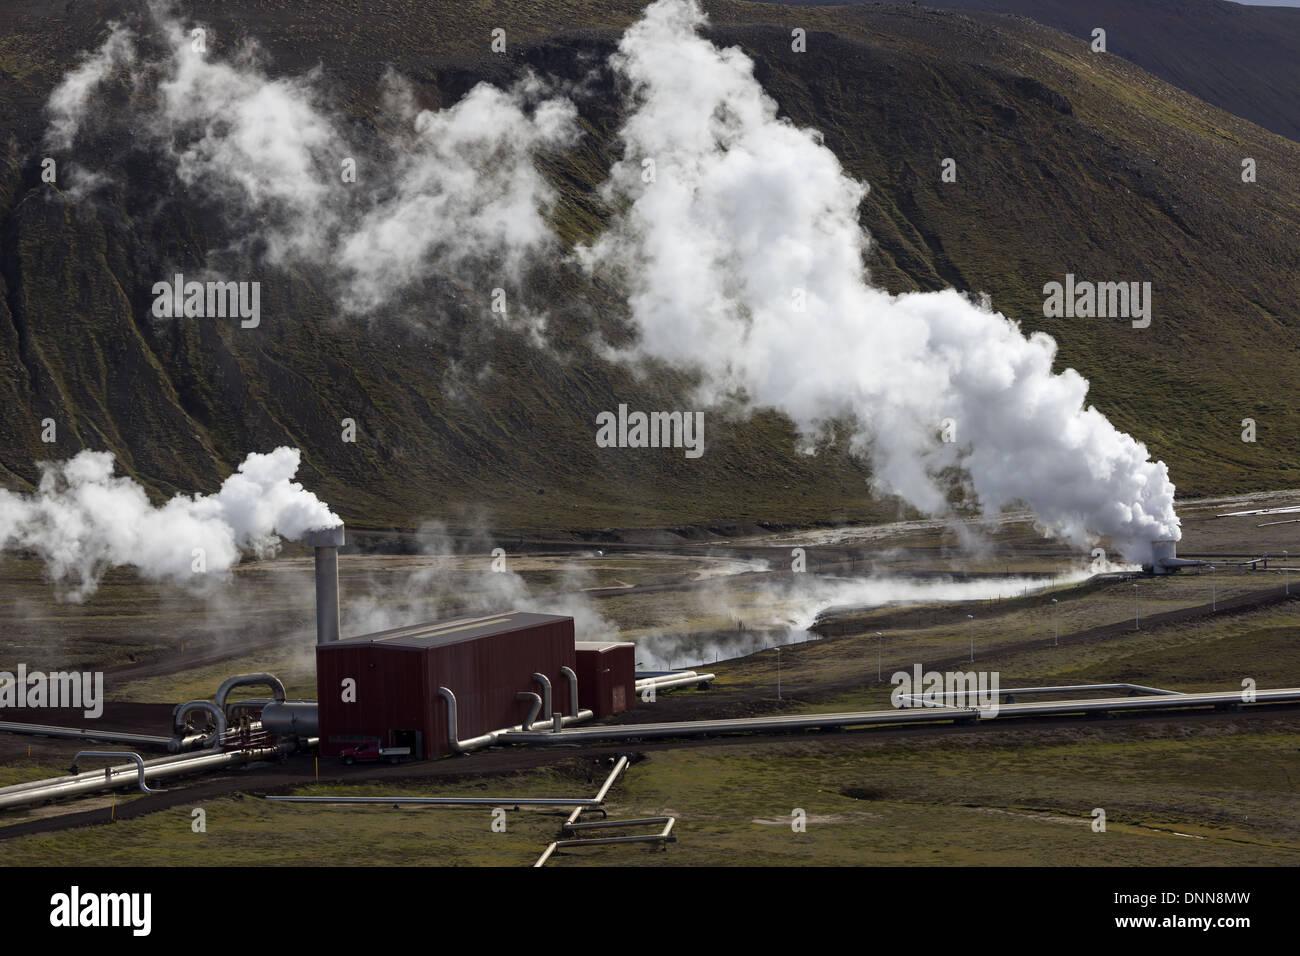 Le Krafla Power Station est une centrale géothermique de 60 MW située près de l'Volcan Krafla en Islande. Photo Stock